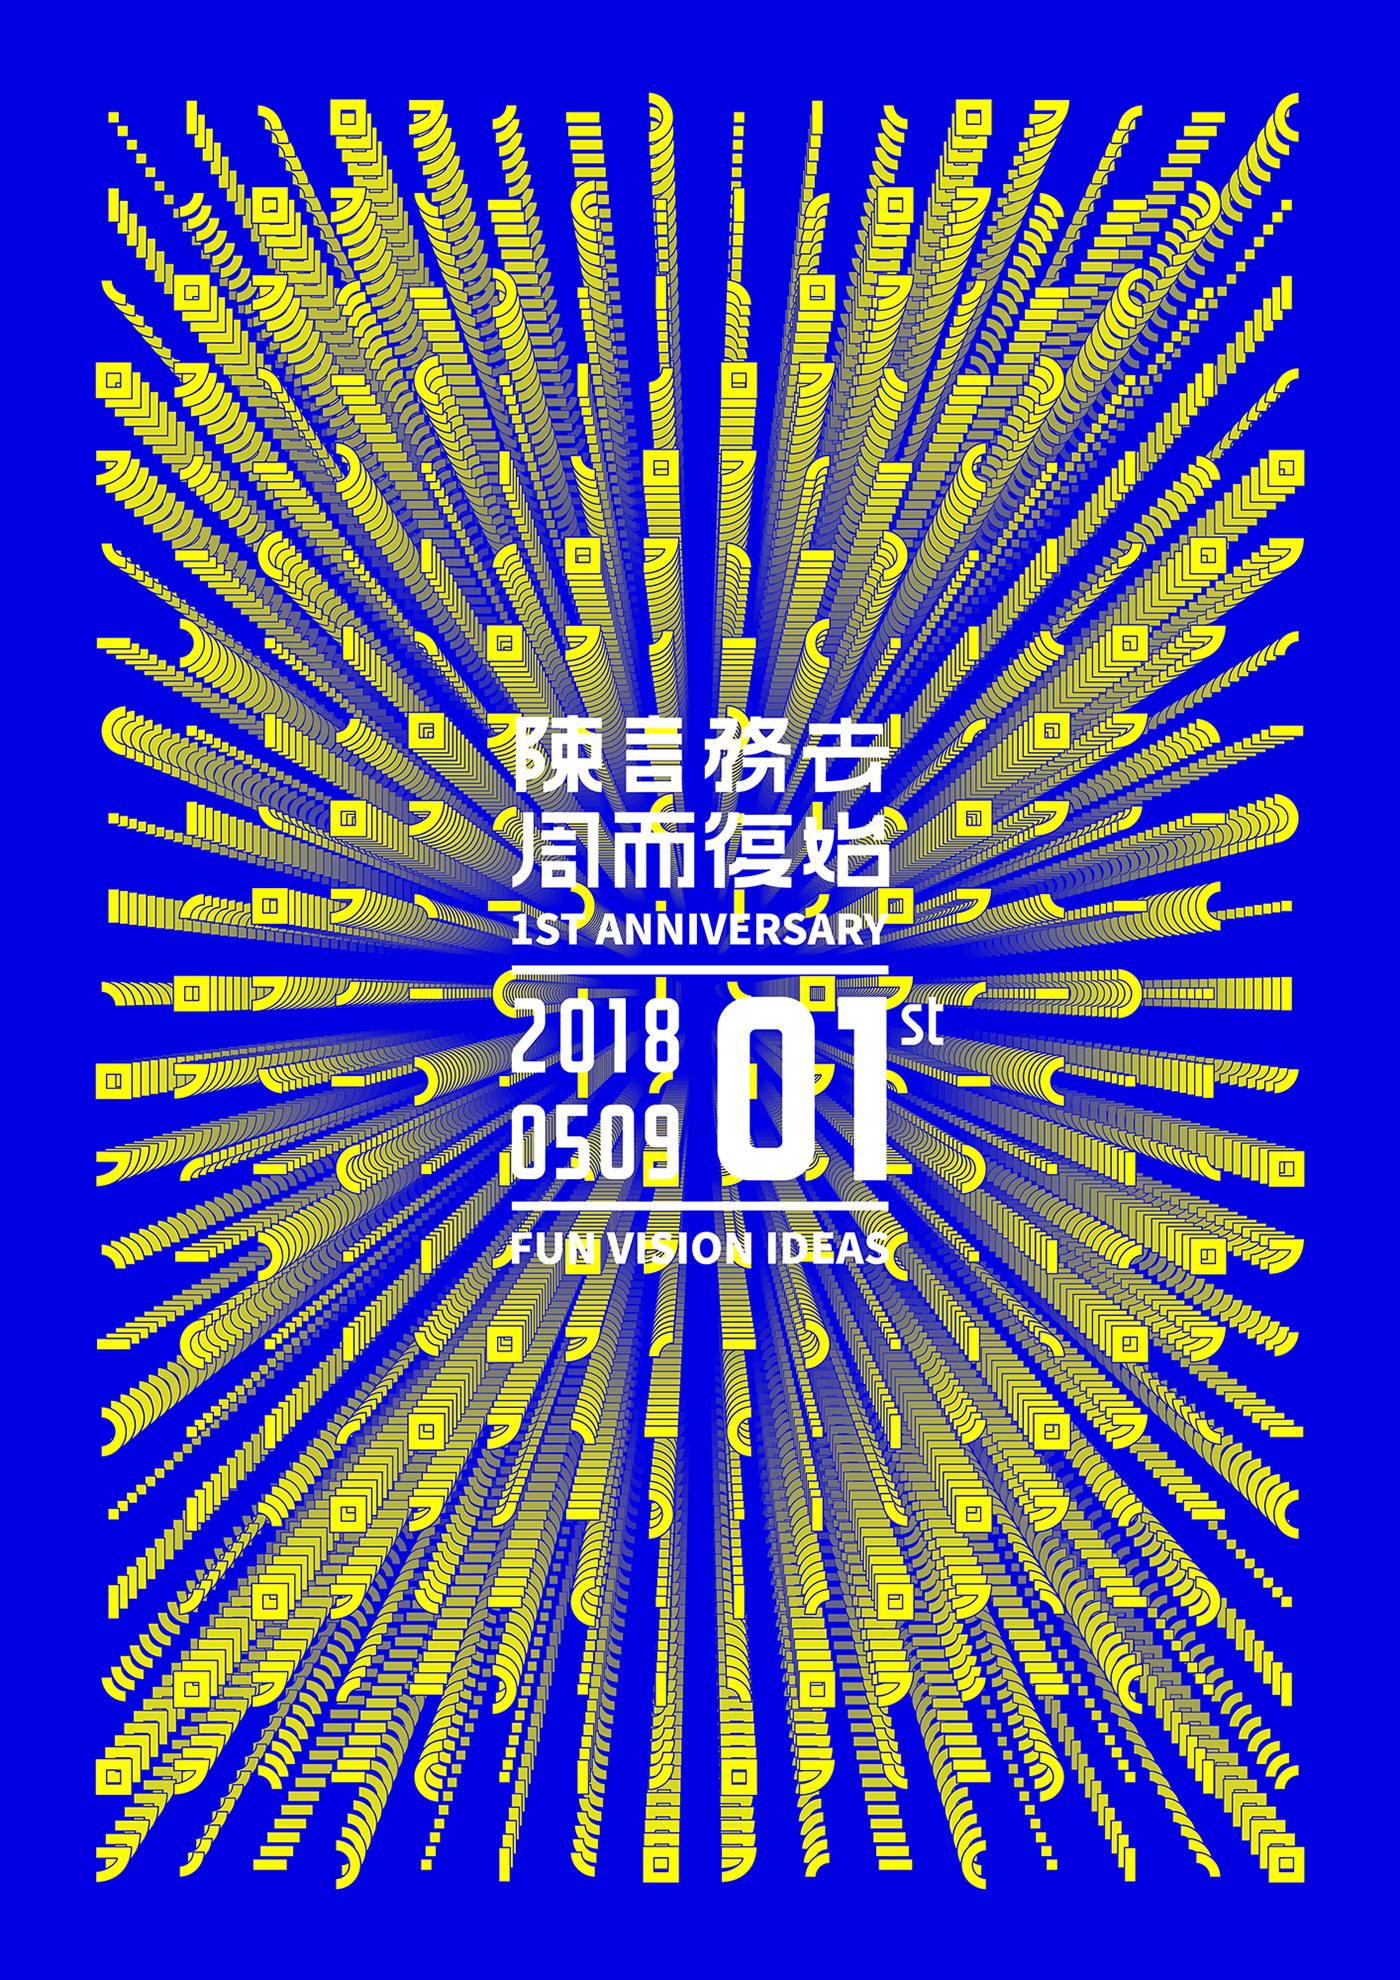 财经资讯_工作室一周年主题海报视觉设计 - 视觉同盟(VisionUnion.com)